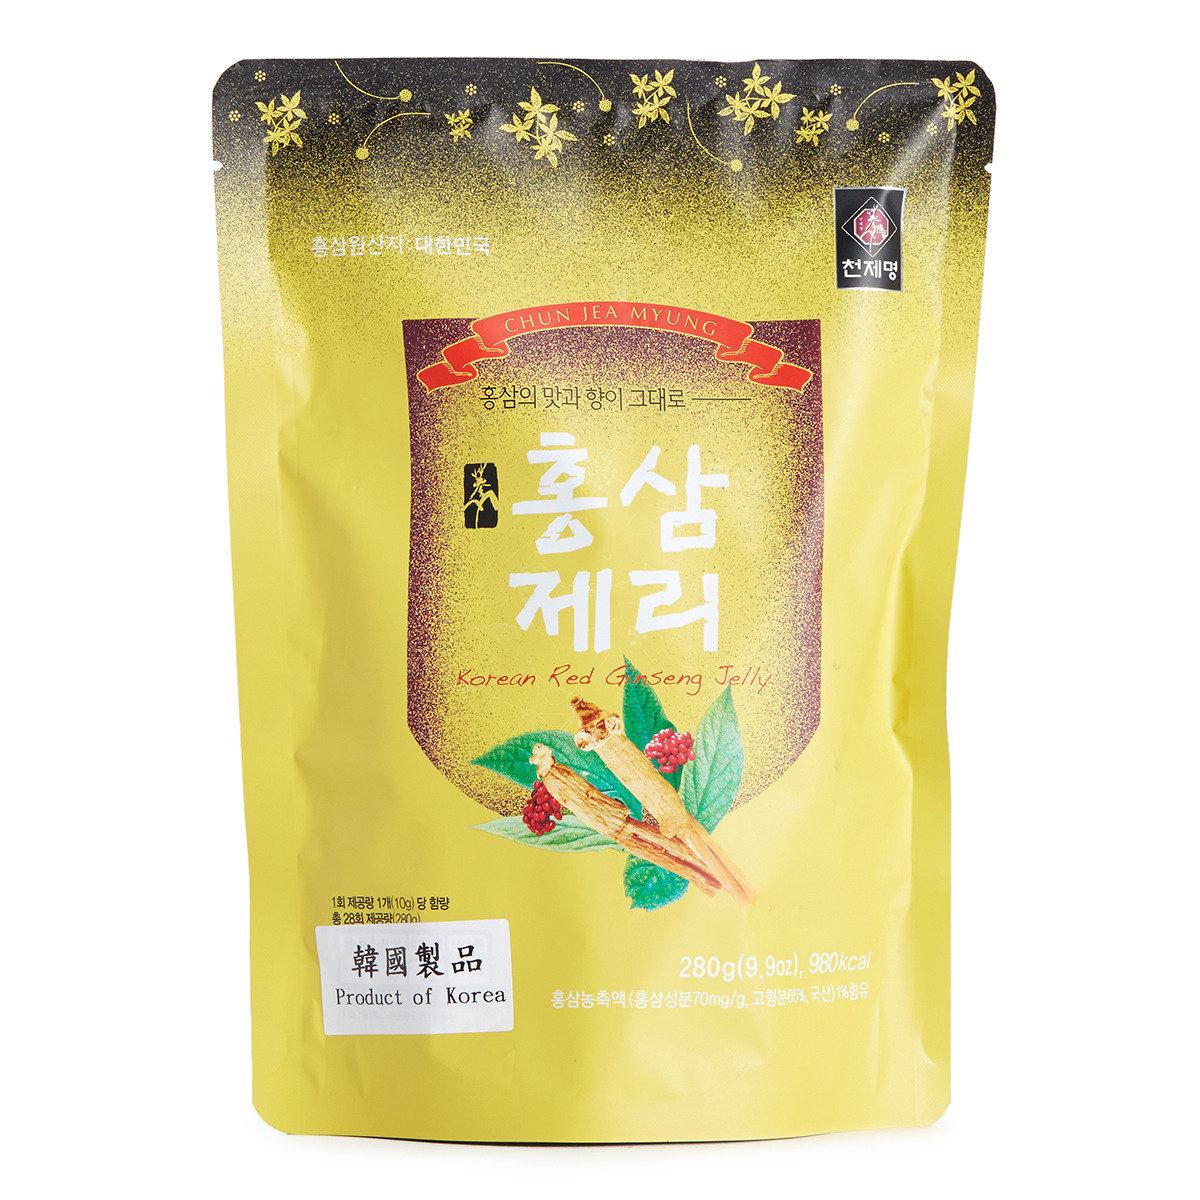 韓國紅蔘啫喱糖